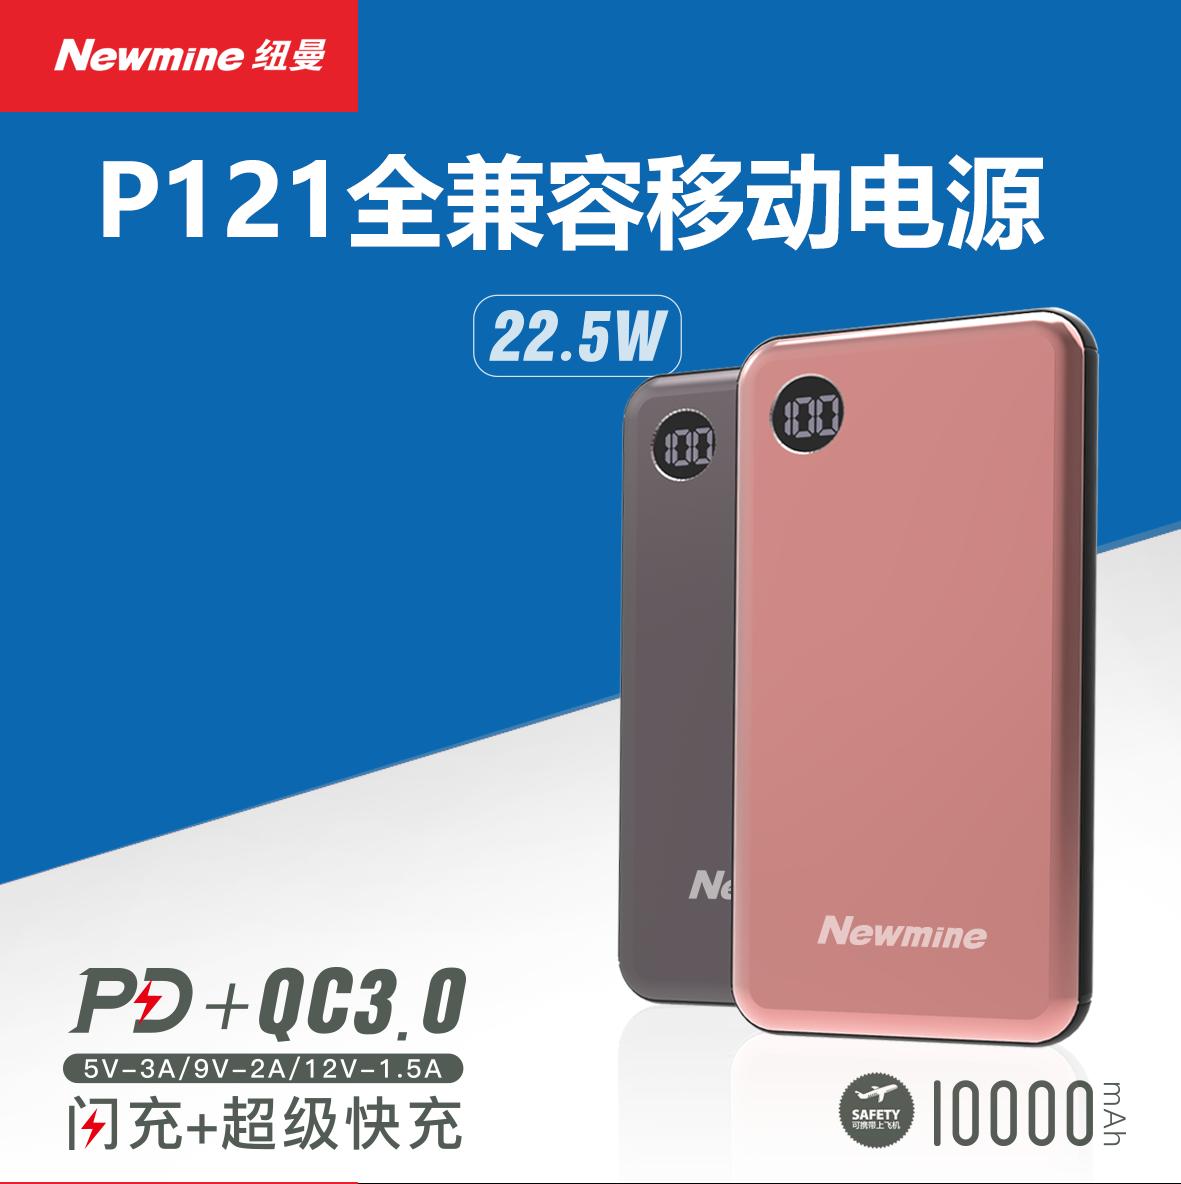 P121 10000mAh聚合 全兼容数显